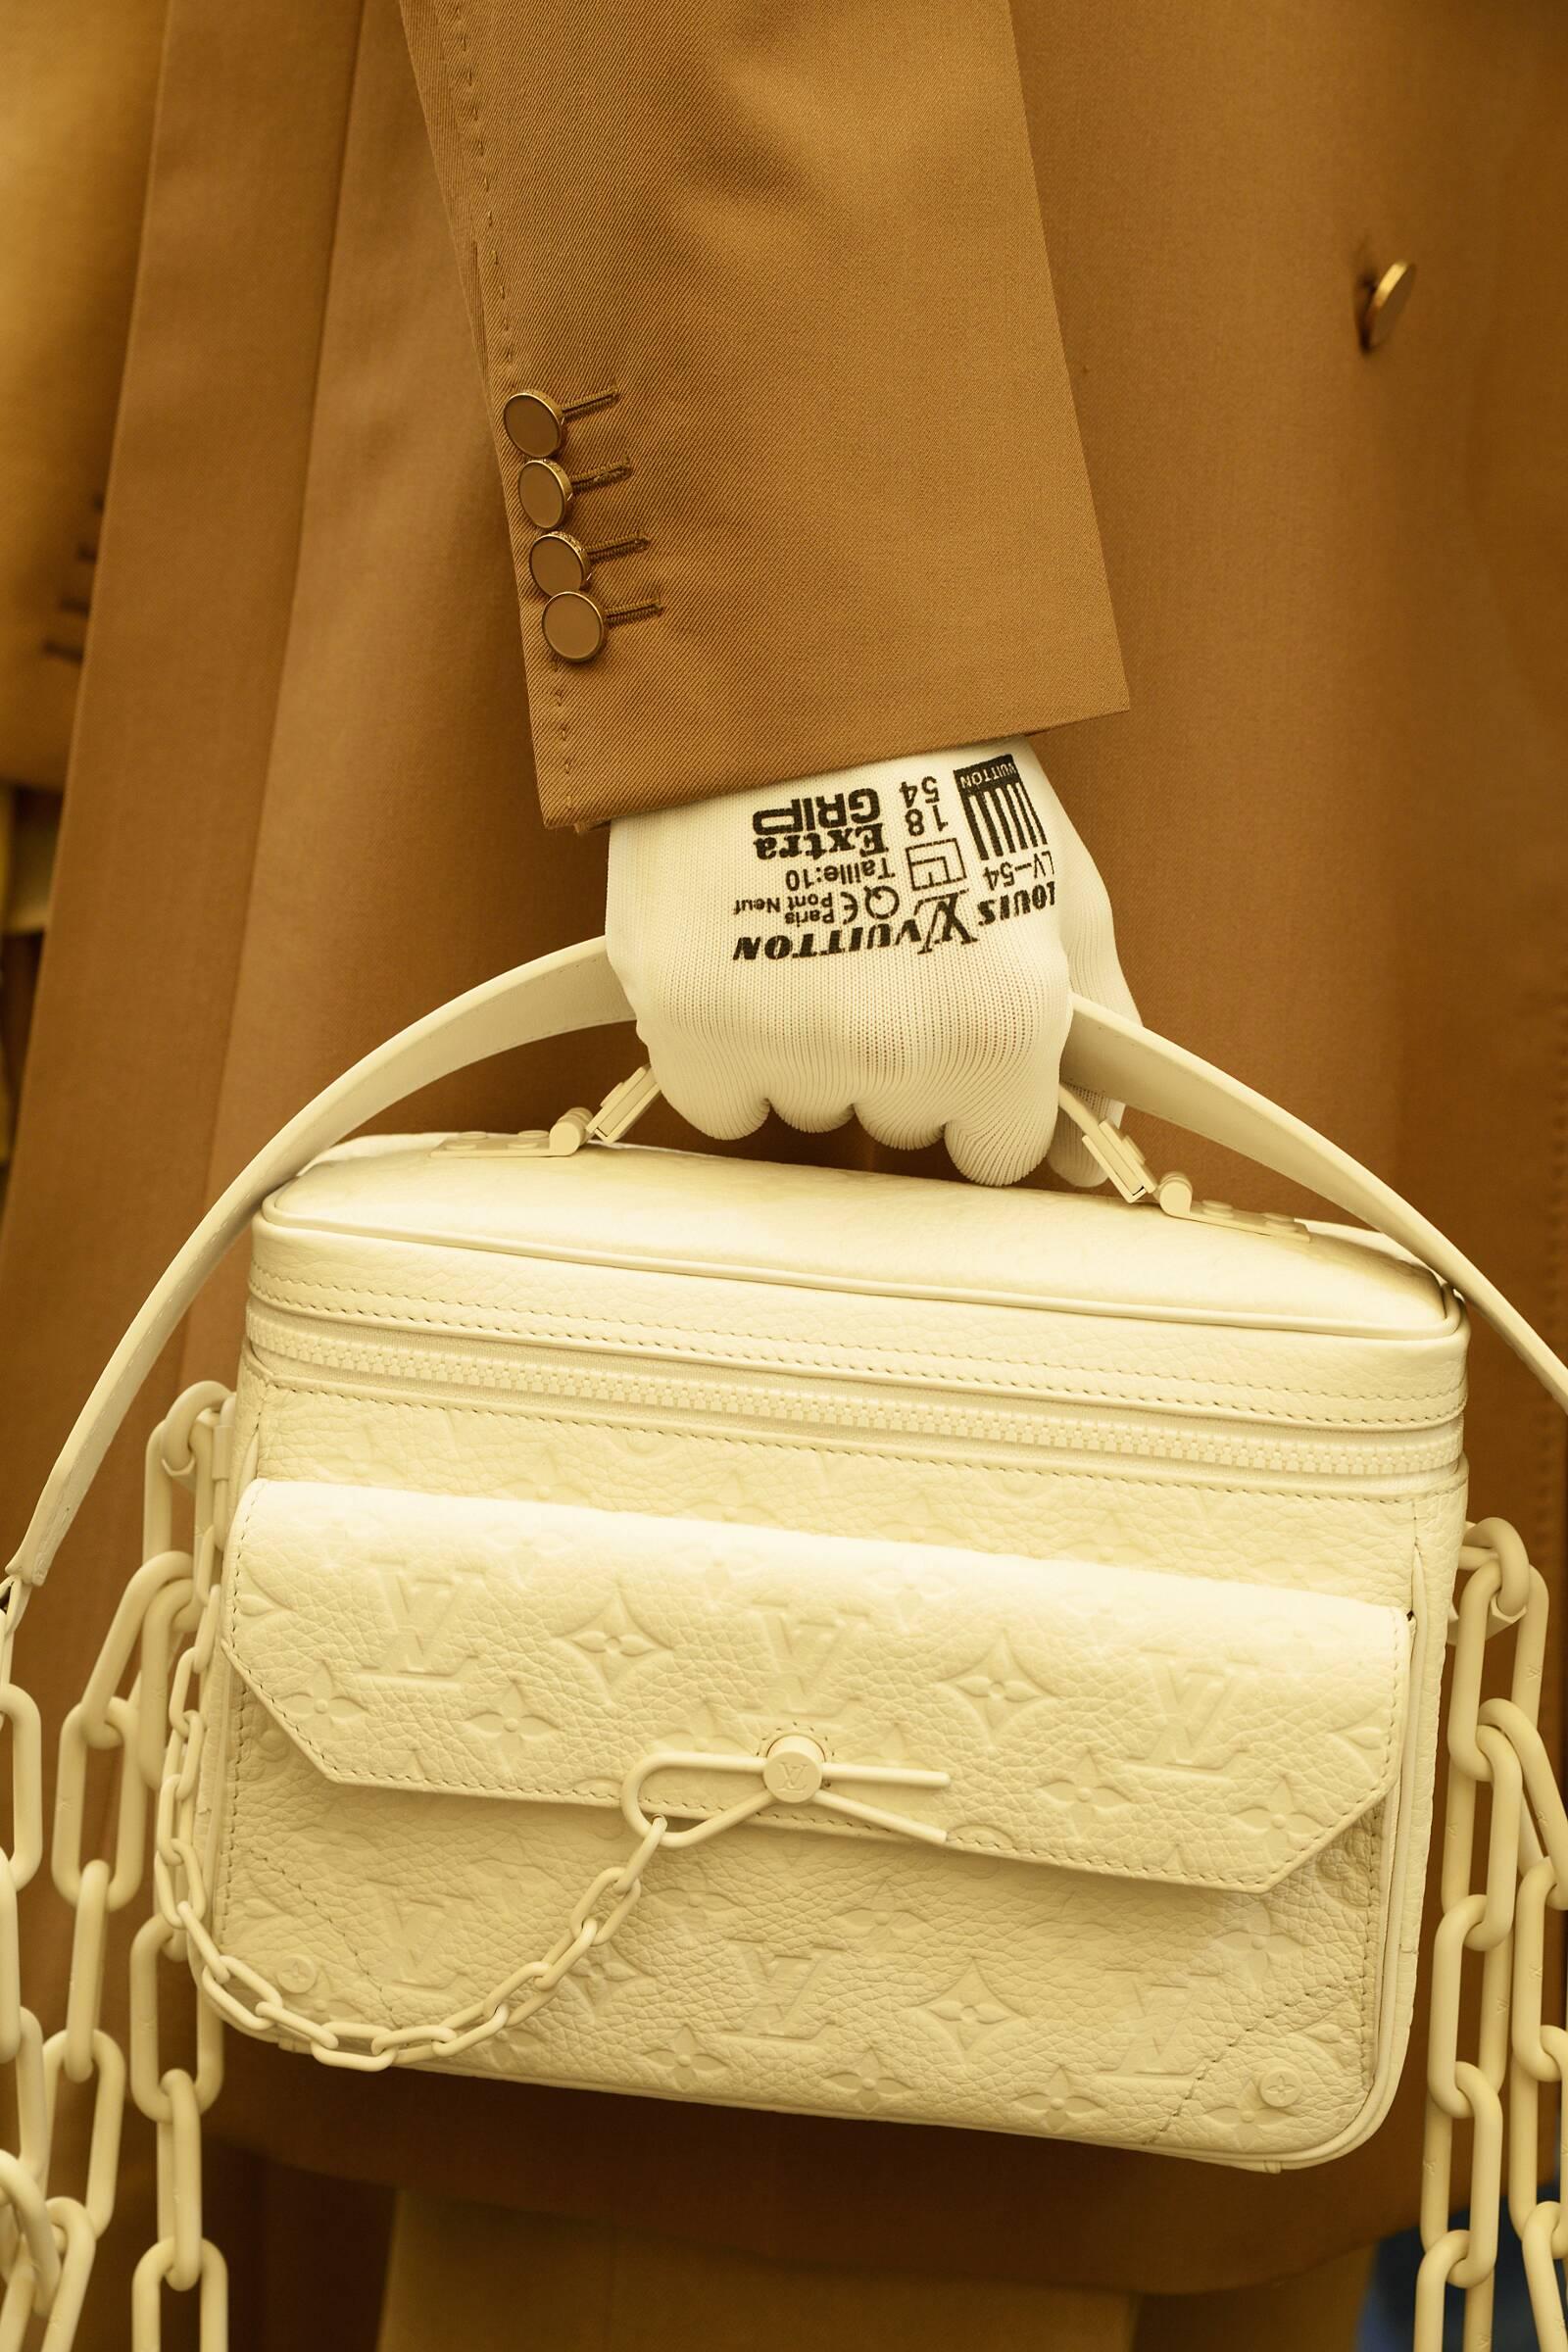 Backstage Louis Vuitton Man Bag 2019 Trend